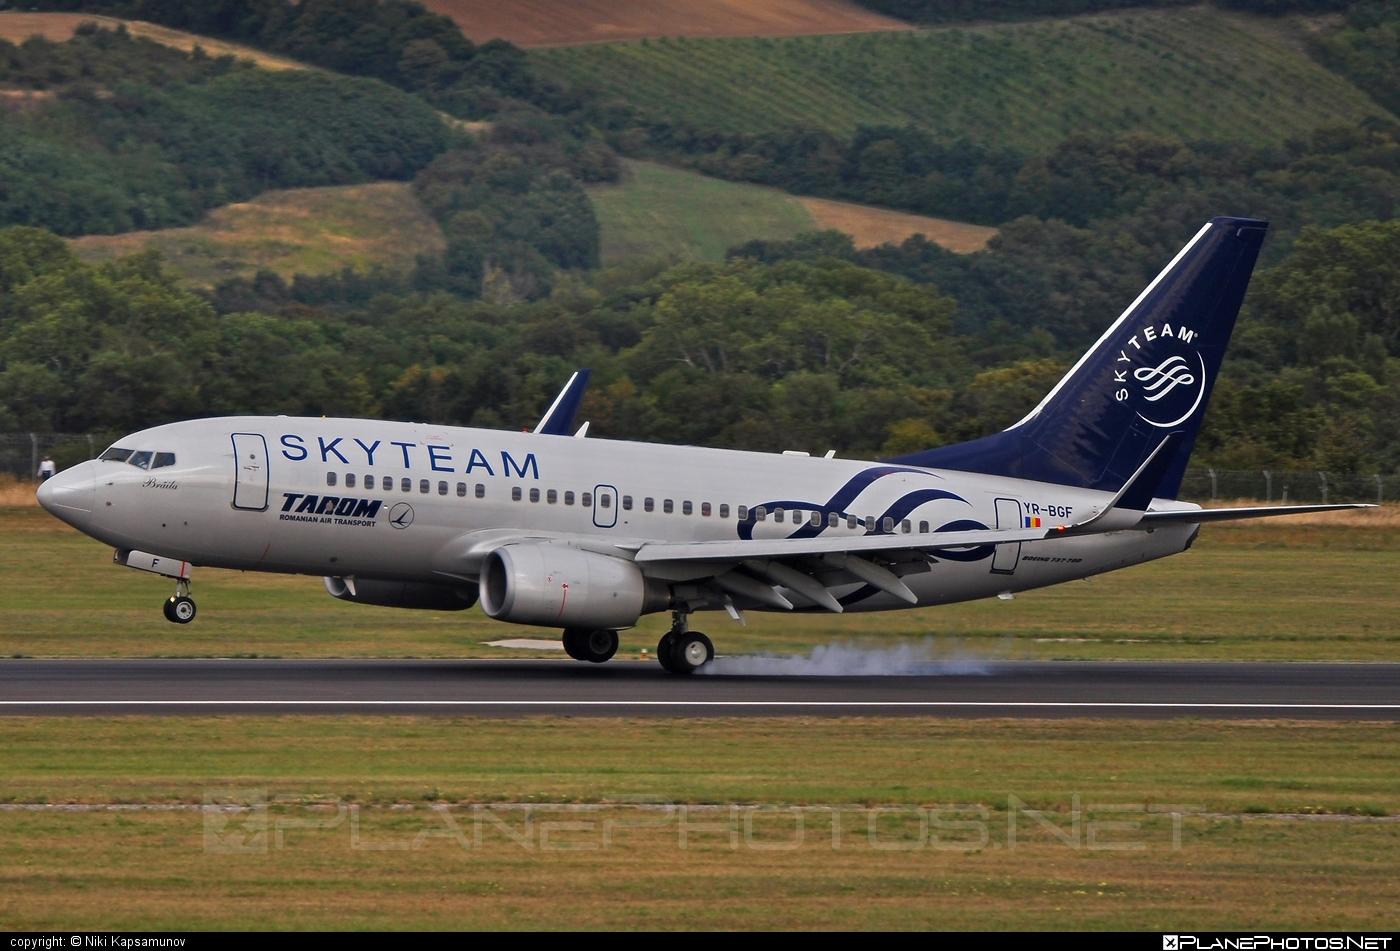 Boeing 737-700 - YR-BGF operated by Tarom #b737 #b737nextgen #b737ng #boeing #boeing737 #skyteam